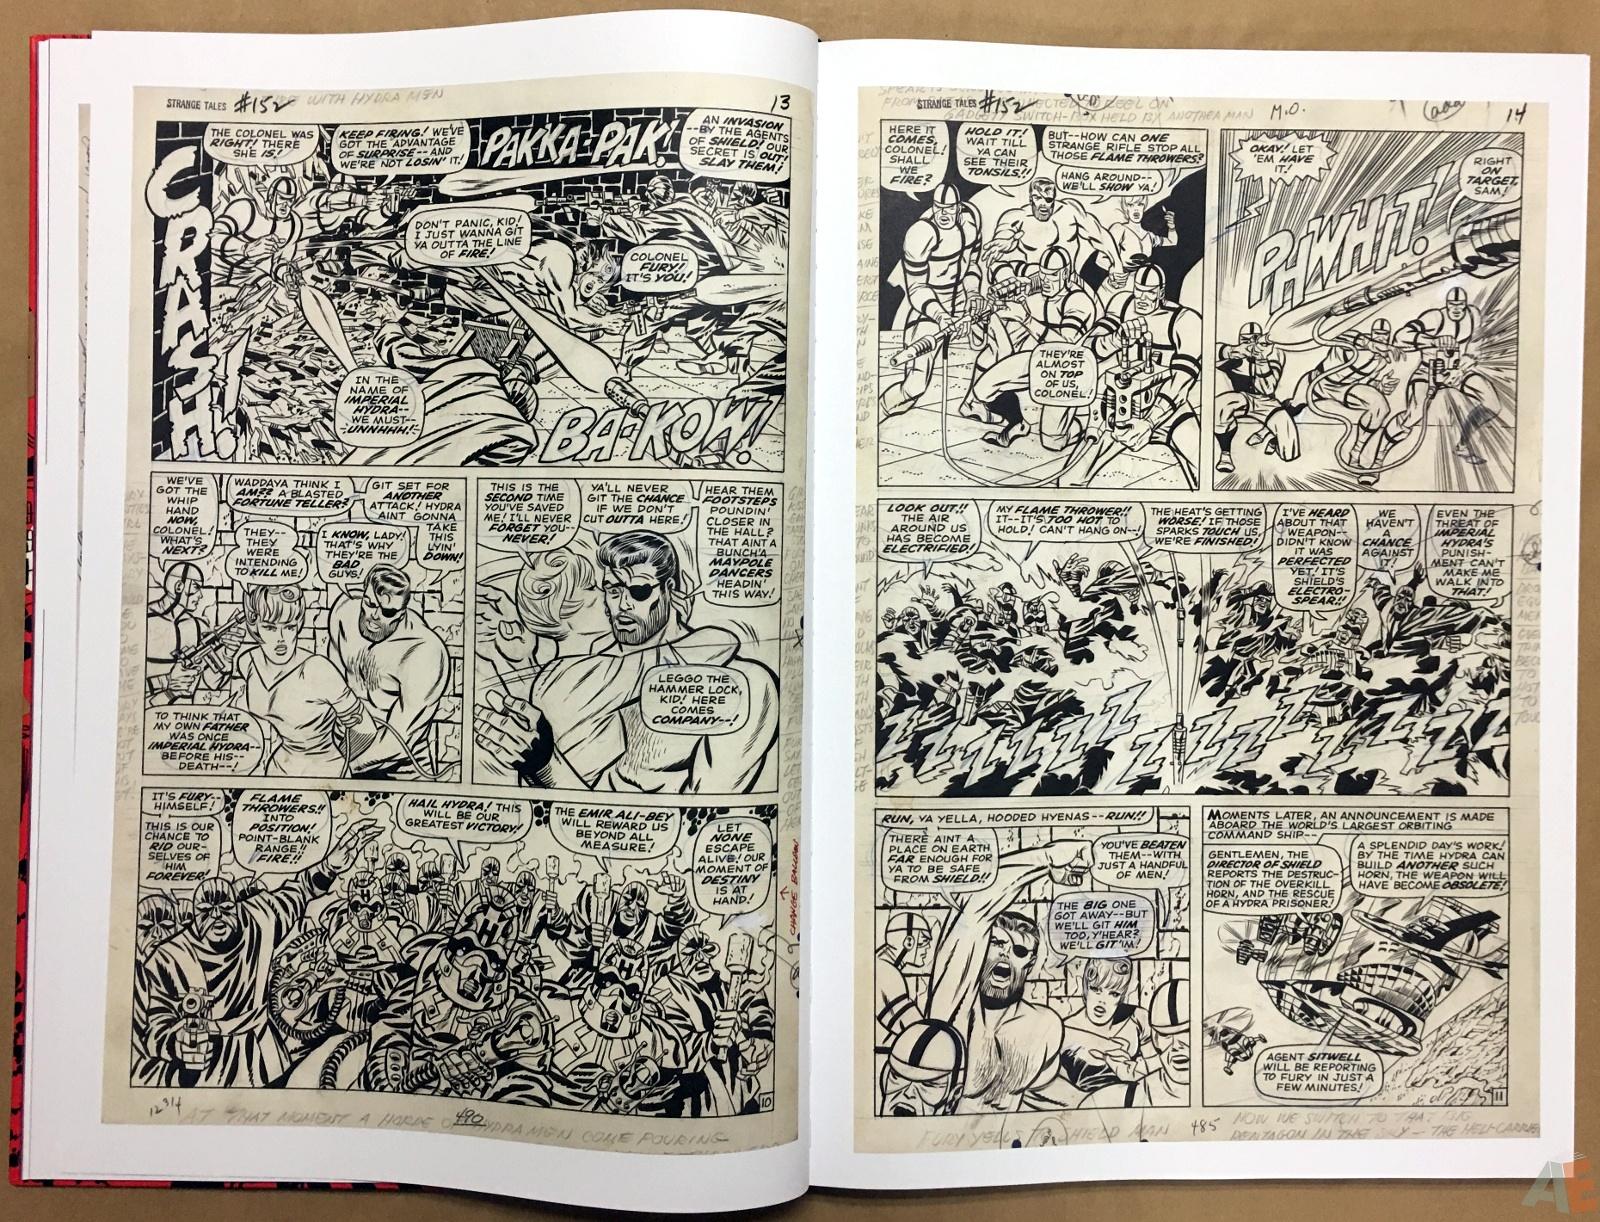 Steranko Nick Fury Agent of S.H.I.E.L.D. Artist's Edition 14